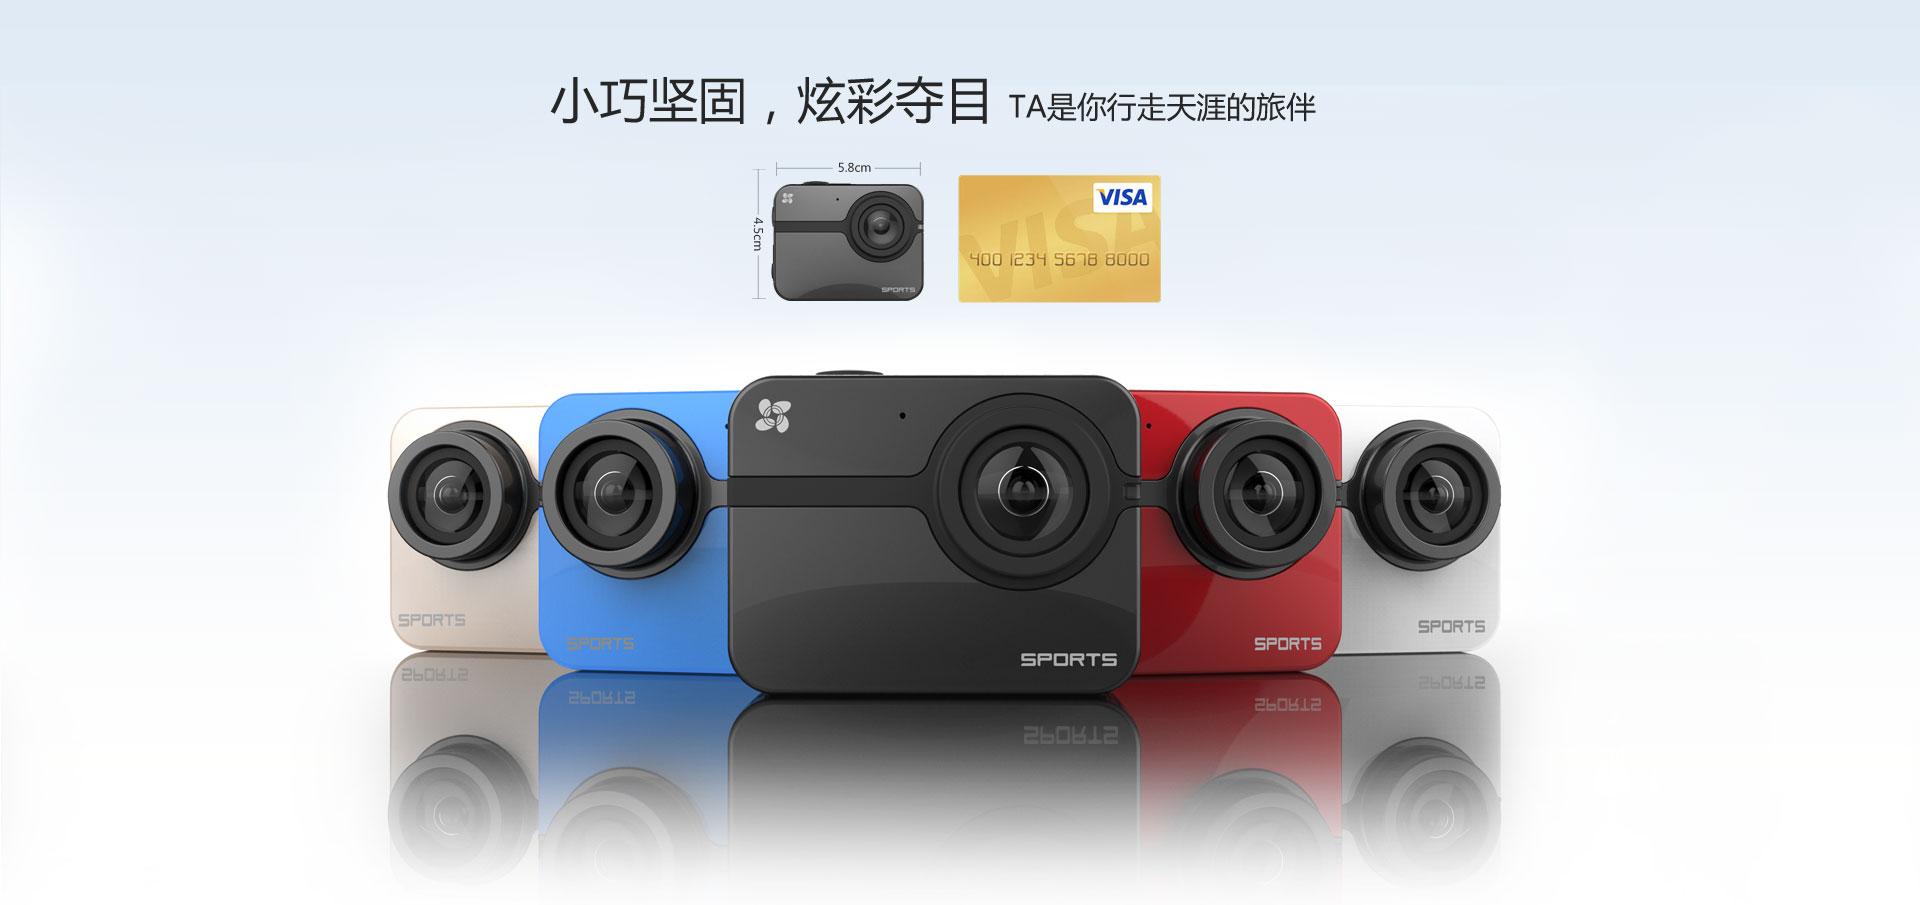 S1运动型摄像机 - 张新房 - 张新房的博客